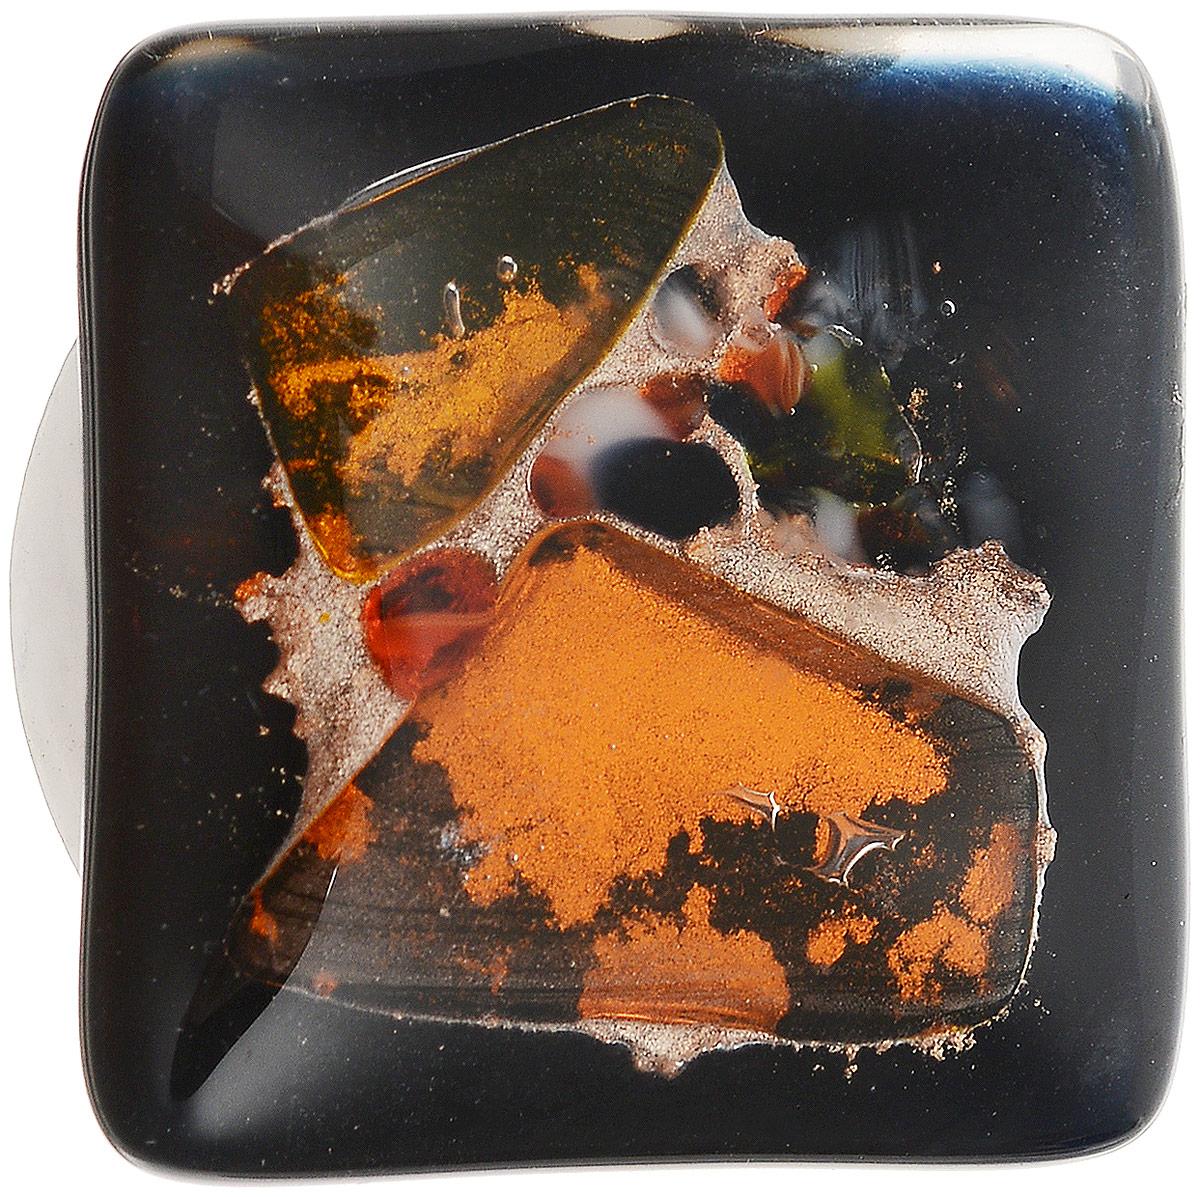 Брошь Сотворение мира. Муранское стекло, магнит, ручная работа. Murano, Италия (Венеция)30028050Брошь Сотворение мира. Муранское стекло, магнит, ручная работа. Murano, Италия (Венеция). Размер - 3 х 3 см. Тип крепления - магнит. Брошь можно носить на одежде, шляпе, рюкзаке или сумке. Каждое изделие из муранского стекла уникально и может незначительно отличаться от того, что вы видите на фотографии.